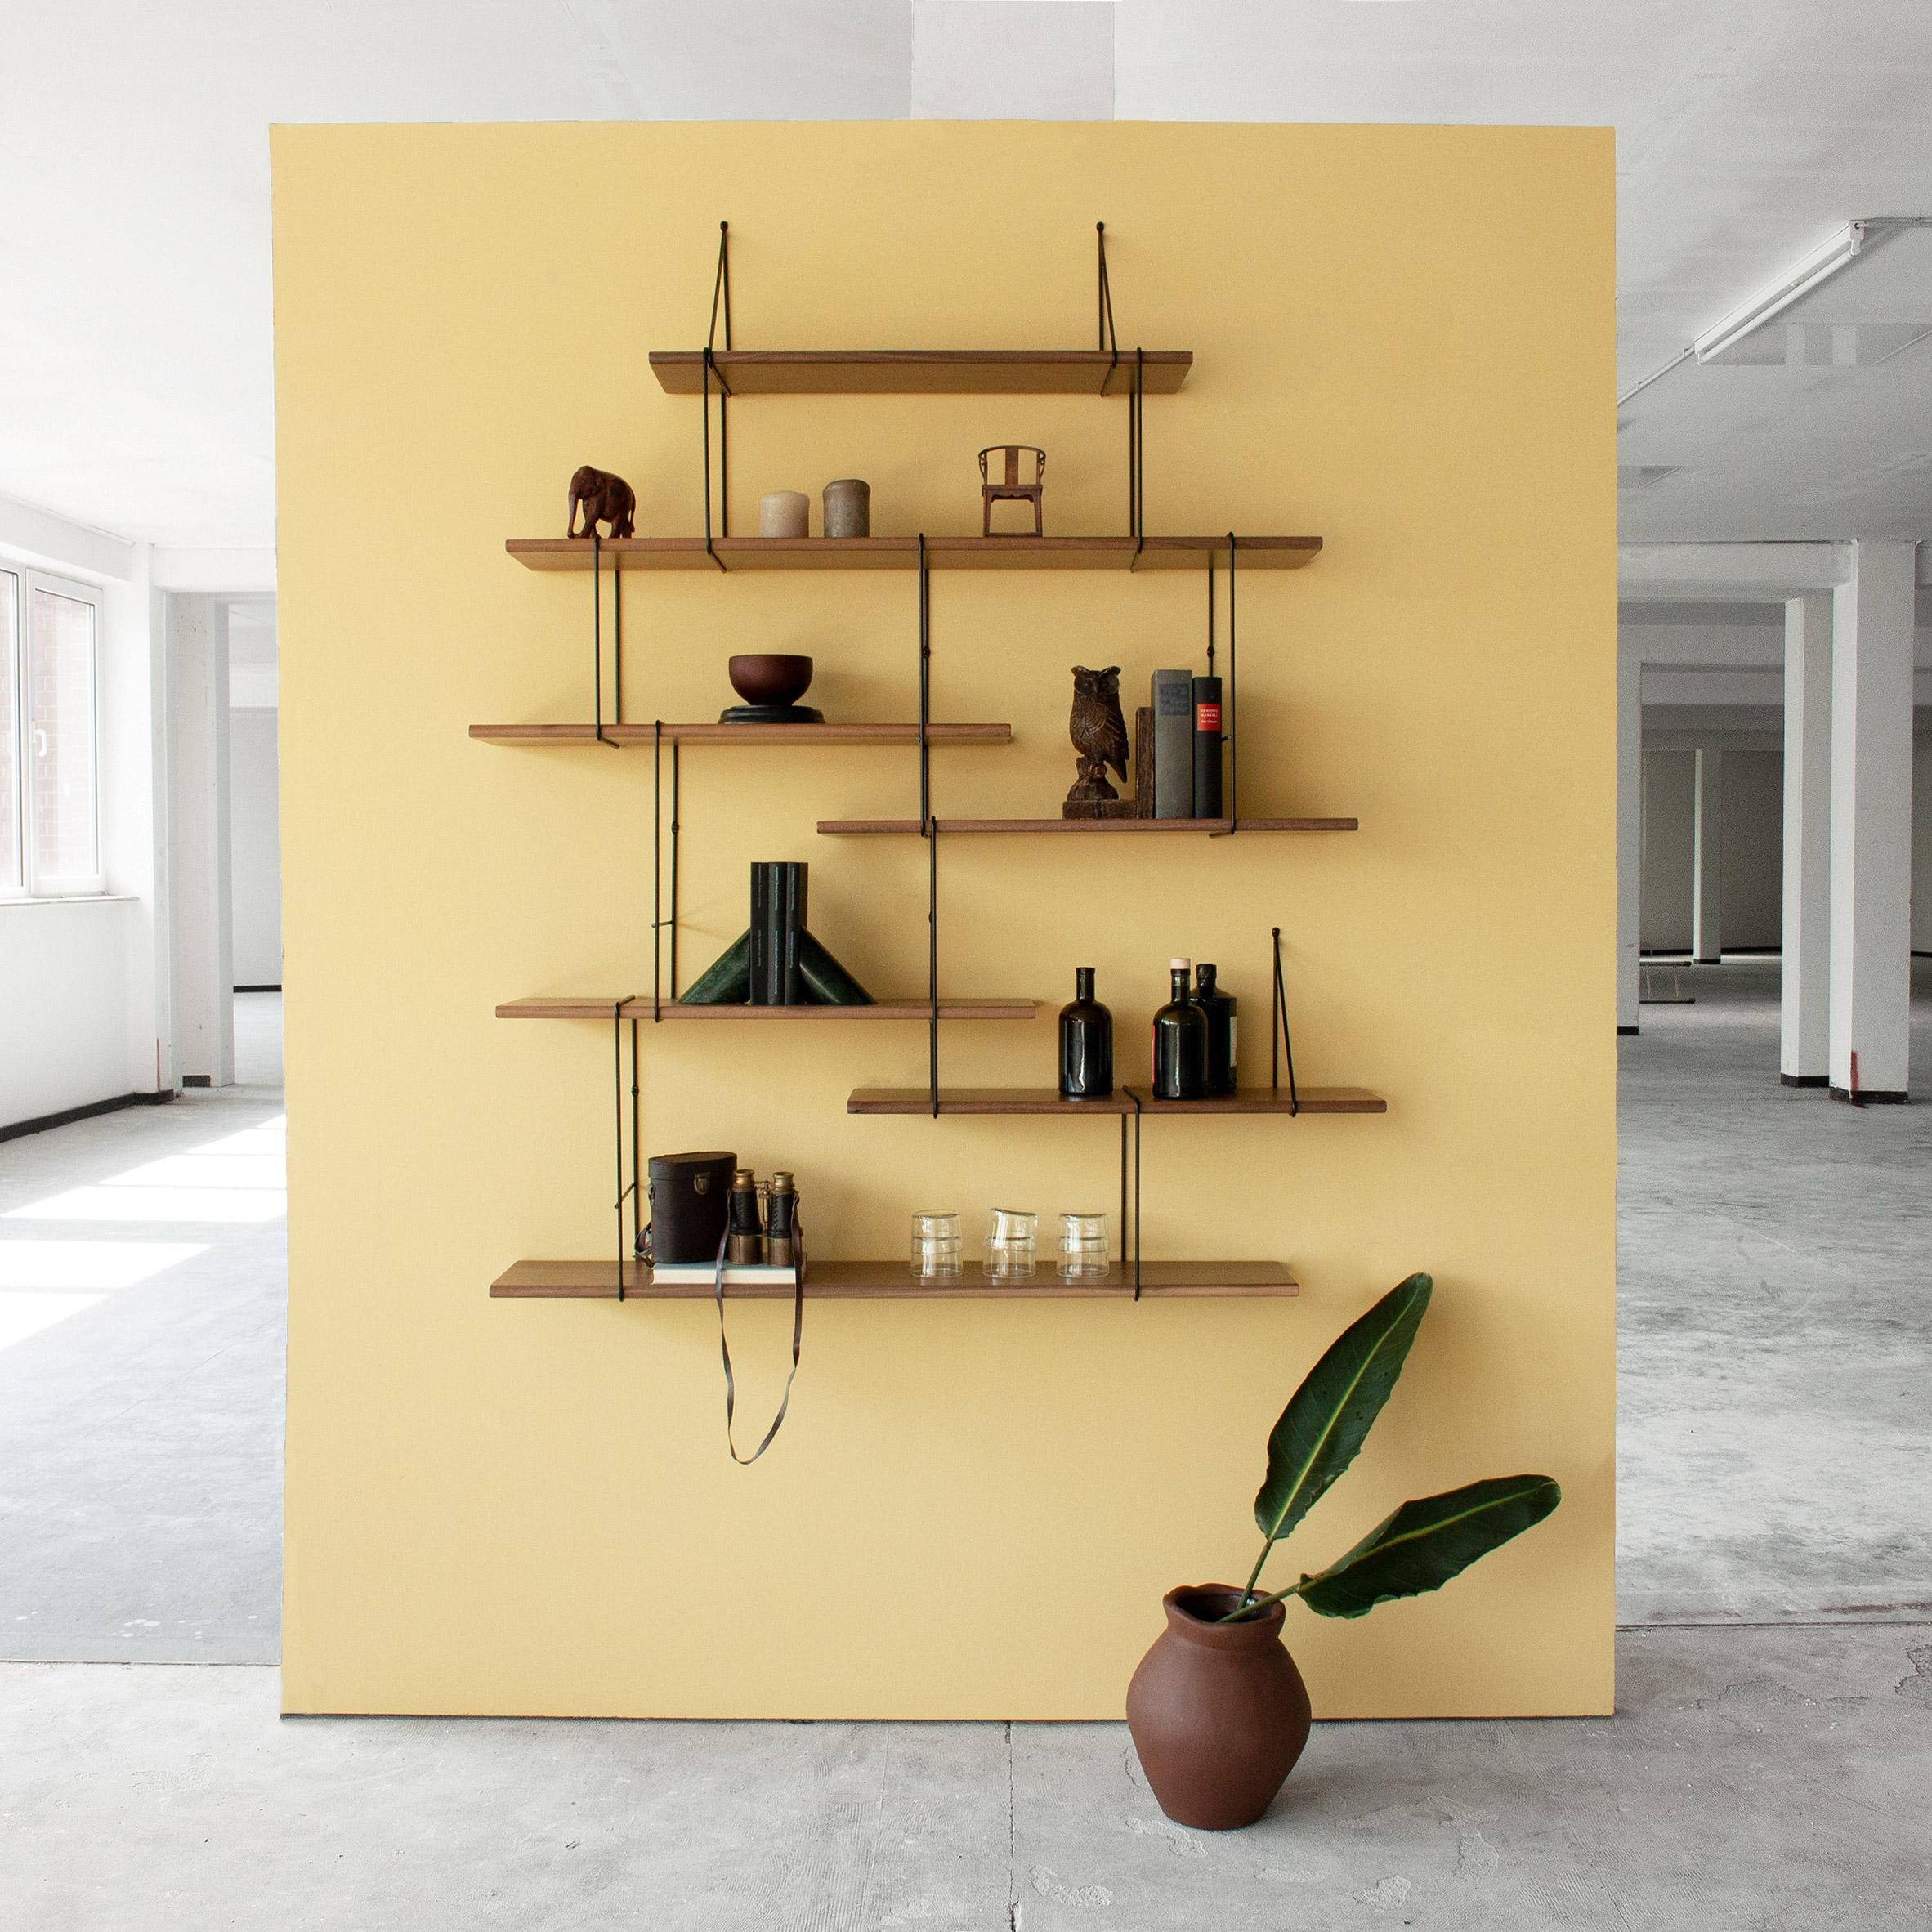 Link shelving system by Jörg Höltje for Studio Hausen